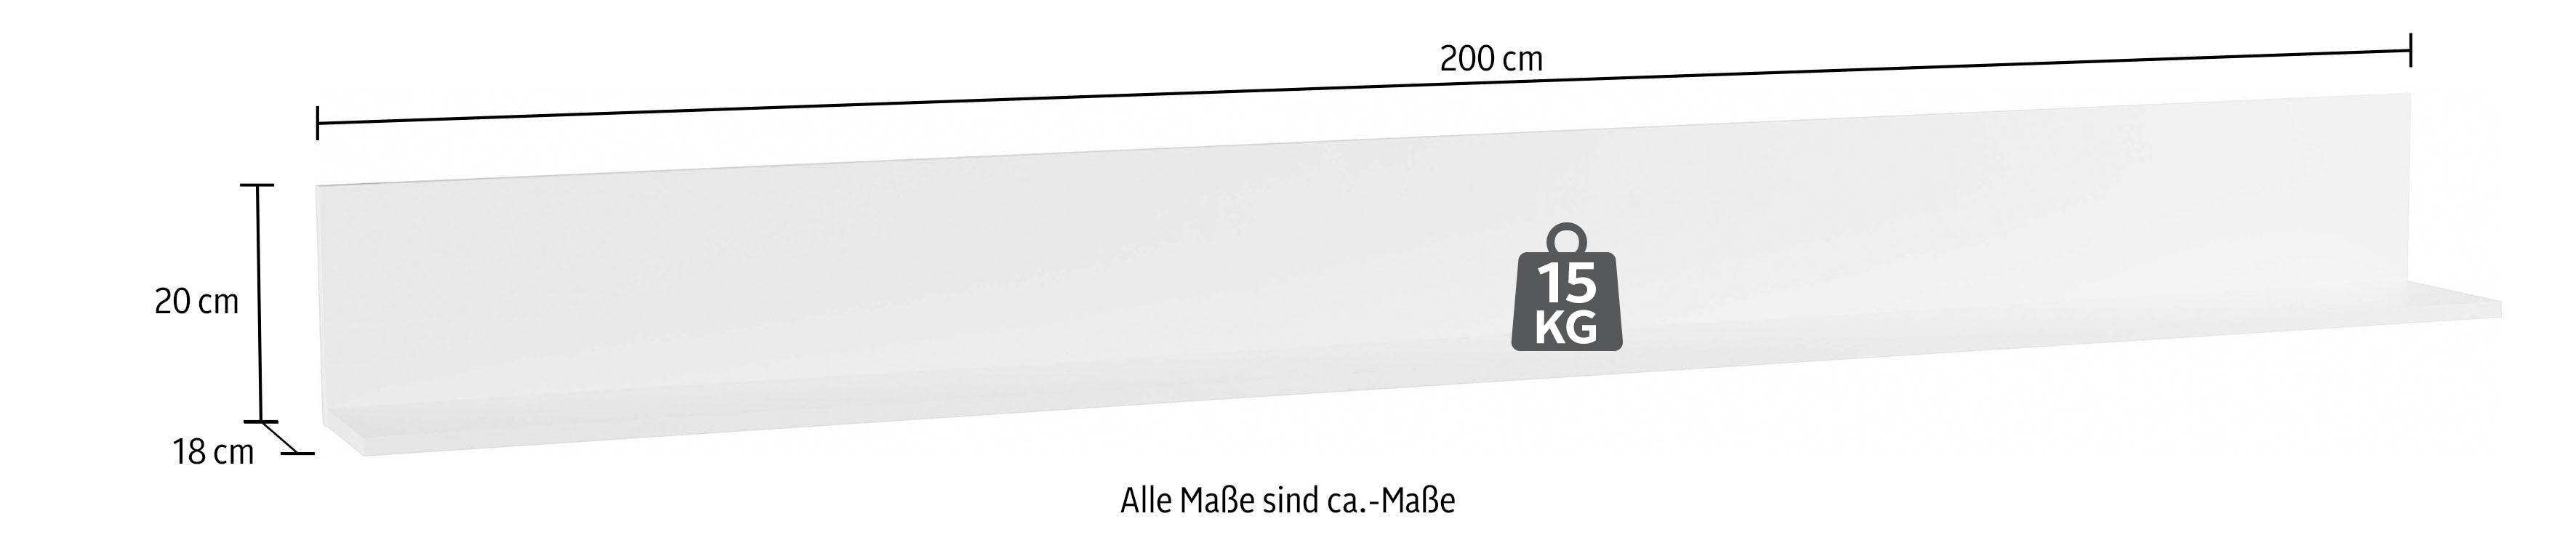 Fotoplank Wit 2 Meter.Wandplank Breedte 200 Cm Online Bestellen Otto